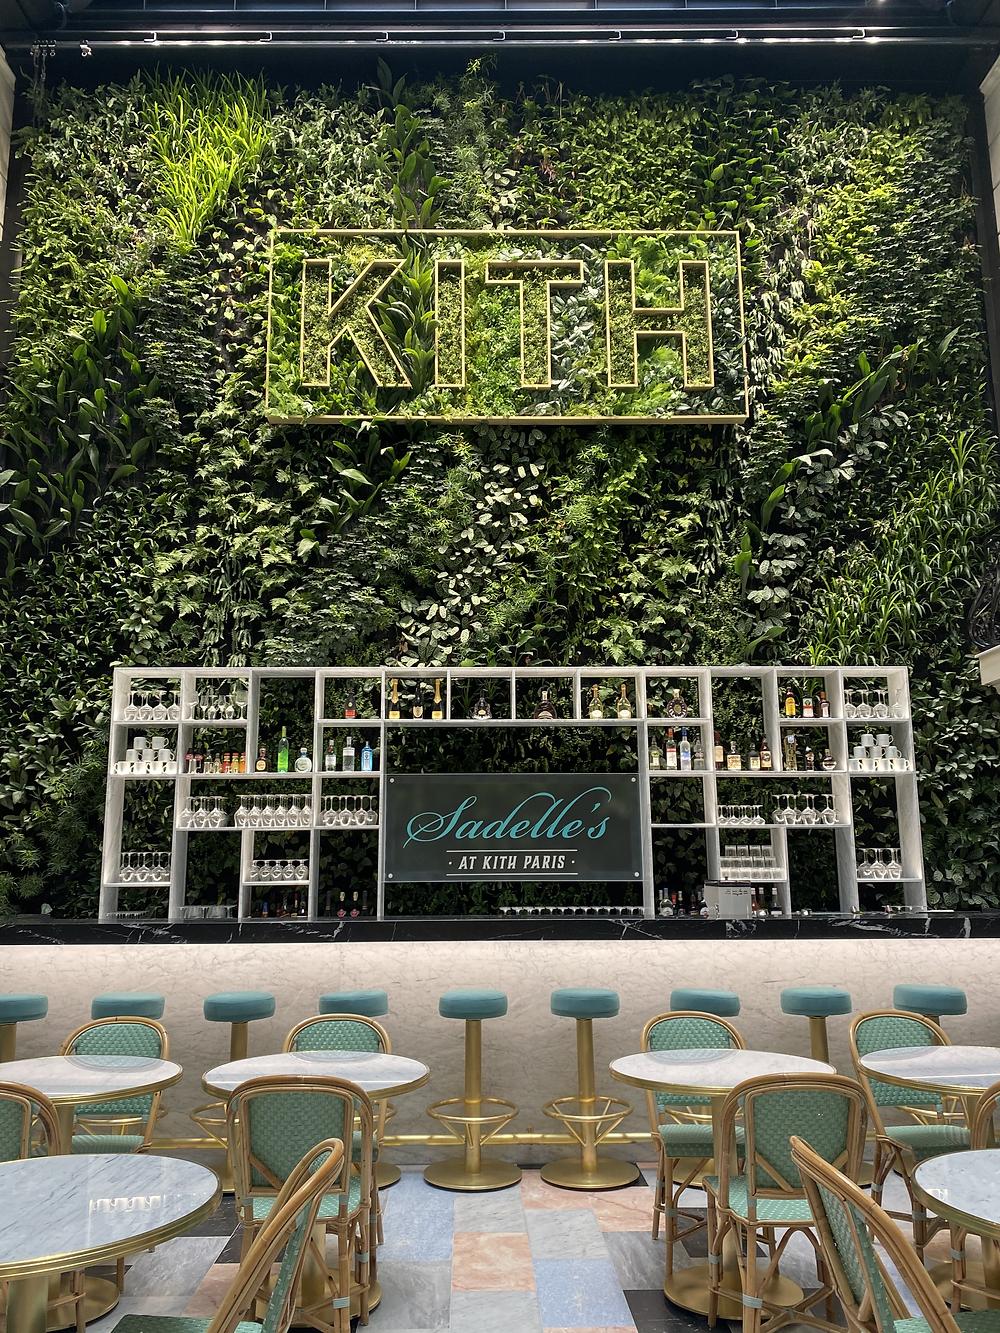 KIth Paris, Sadelle's, sneaker, mur végétal Kith Paris, temple des sneakers, streetwear, luxe